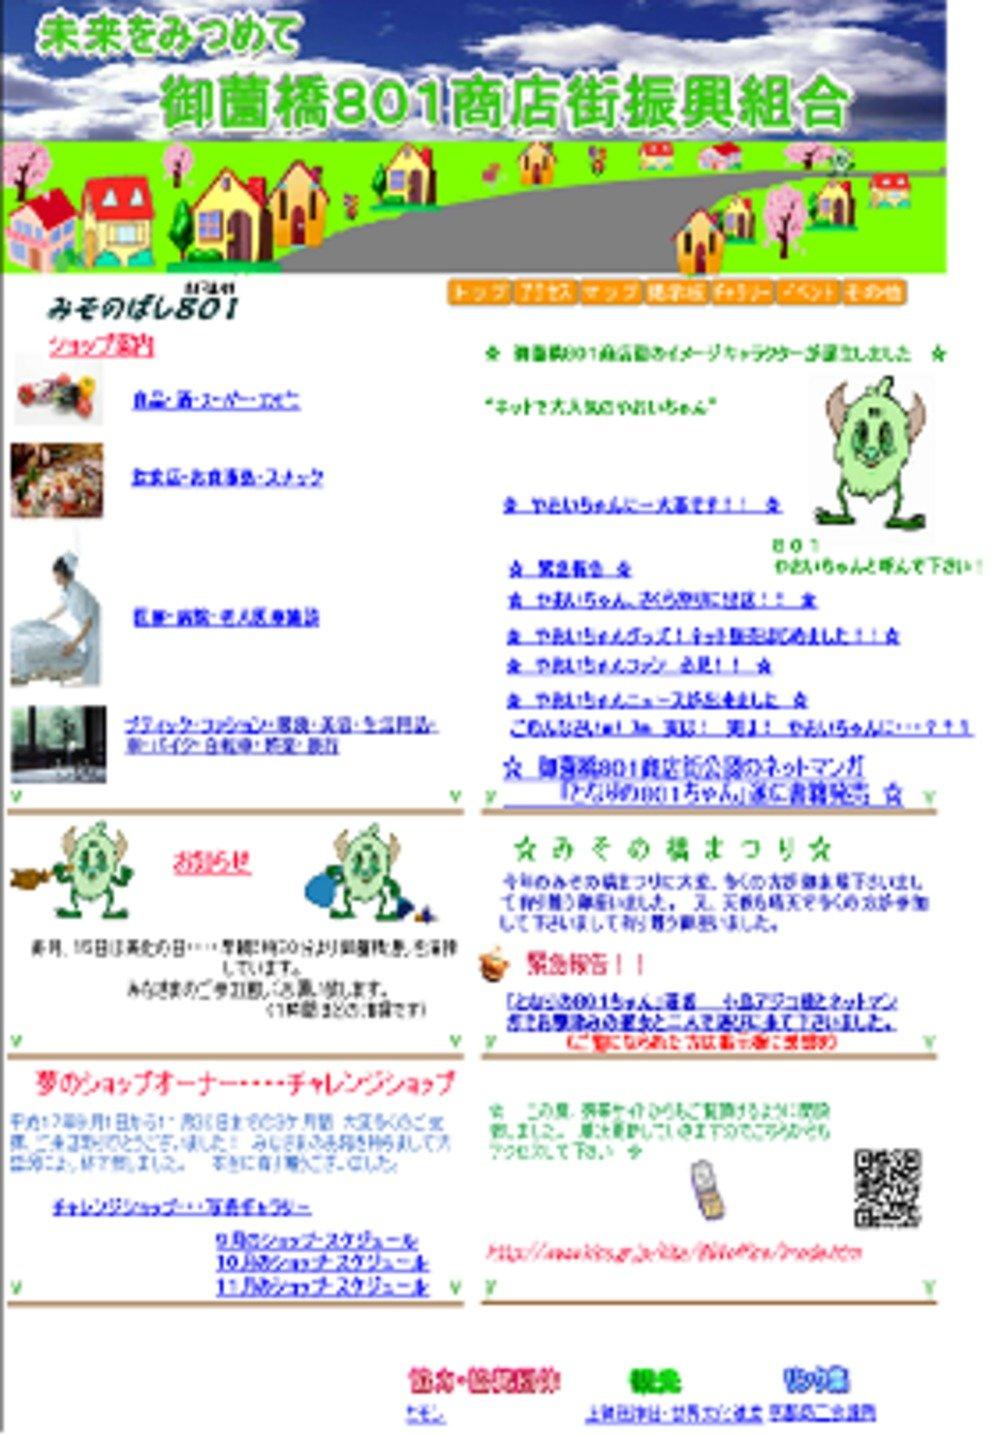 「御薗橋801(ハチマルイチ)商店街」のウェブサイト。右側のキャラクターが「やおいちゃん」